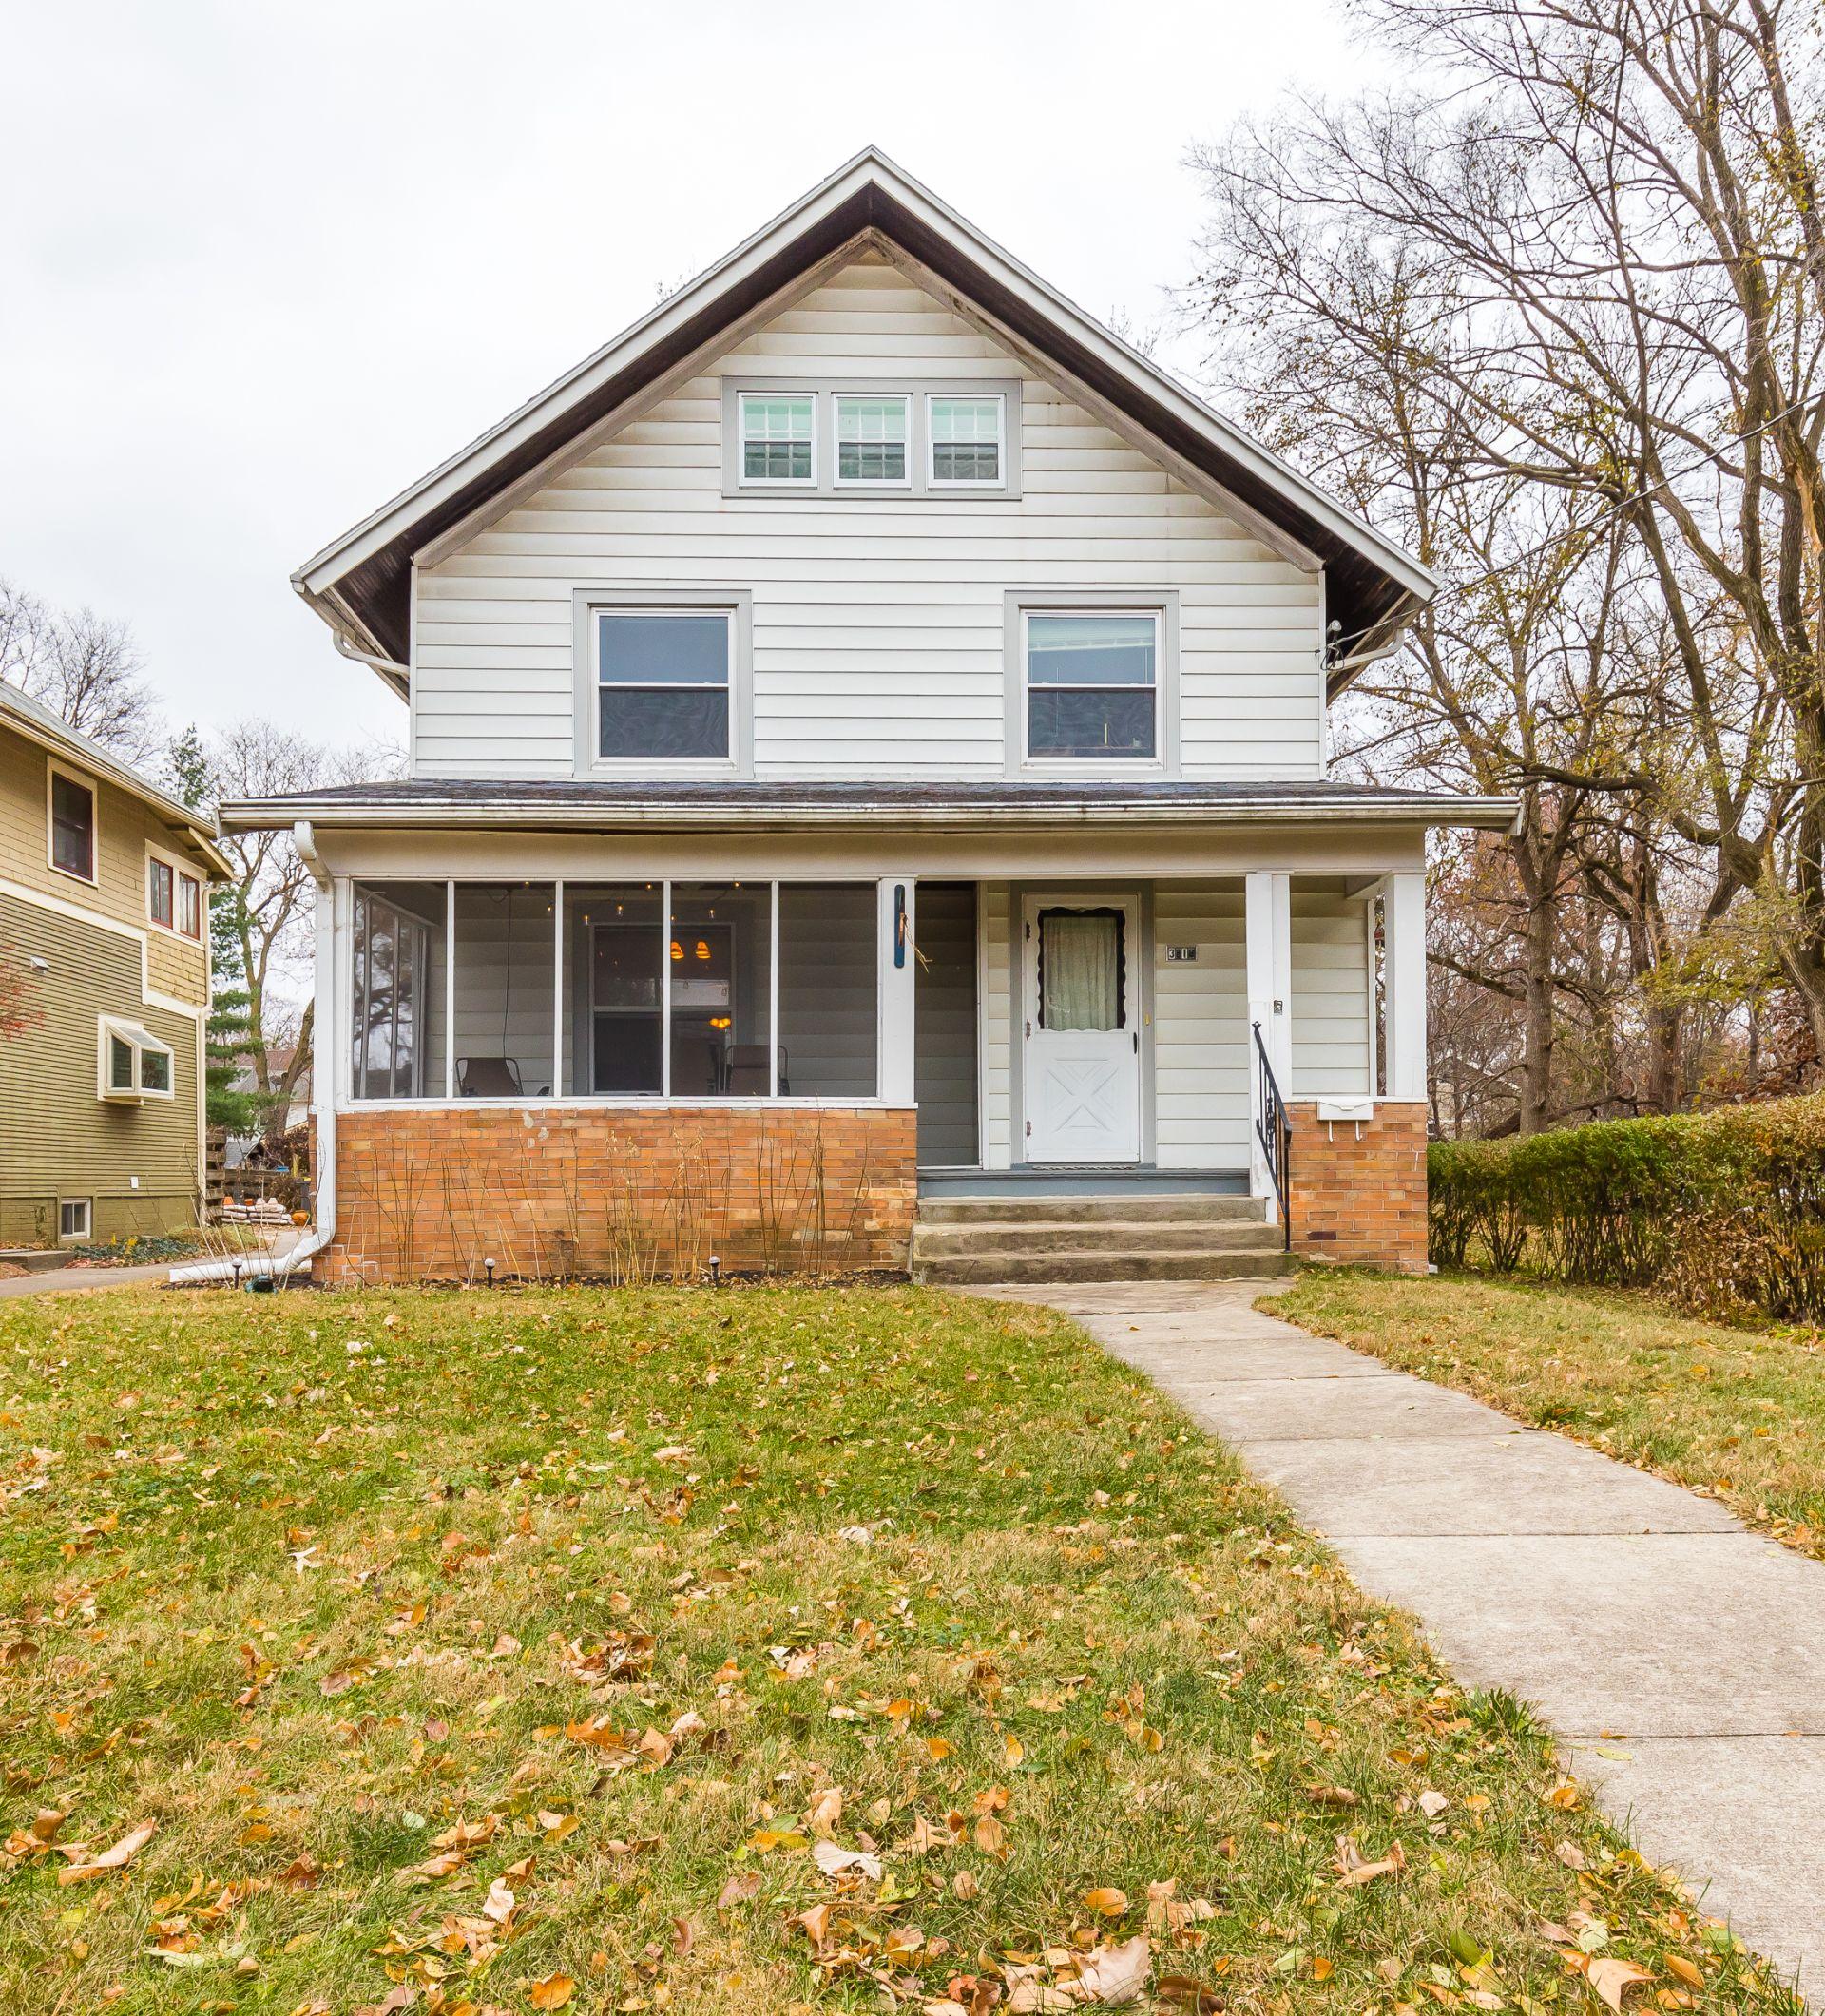 3818 Cottage Grove Ave., Des Moines 50311